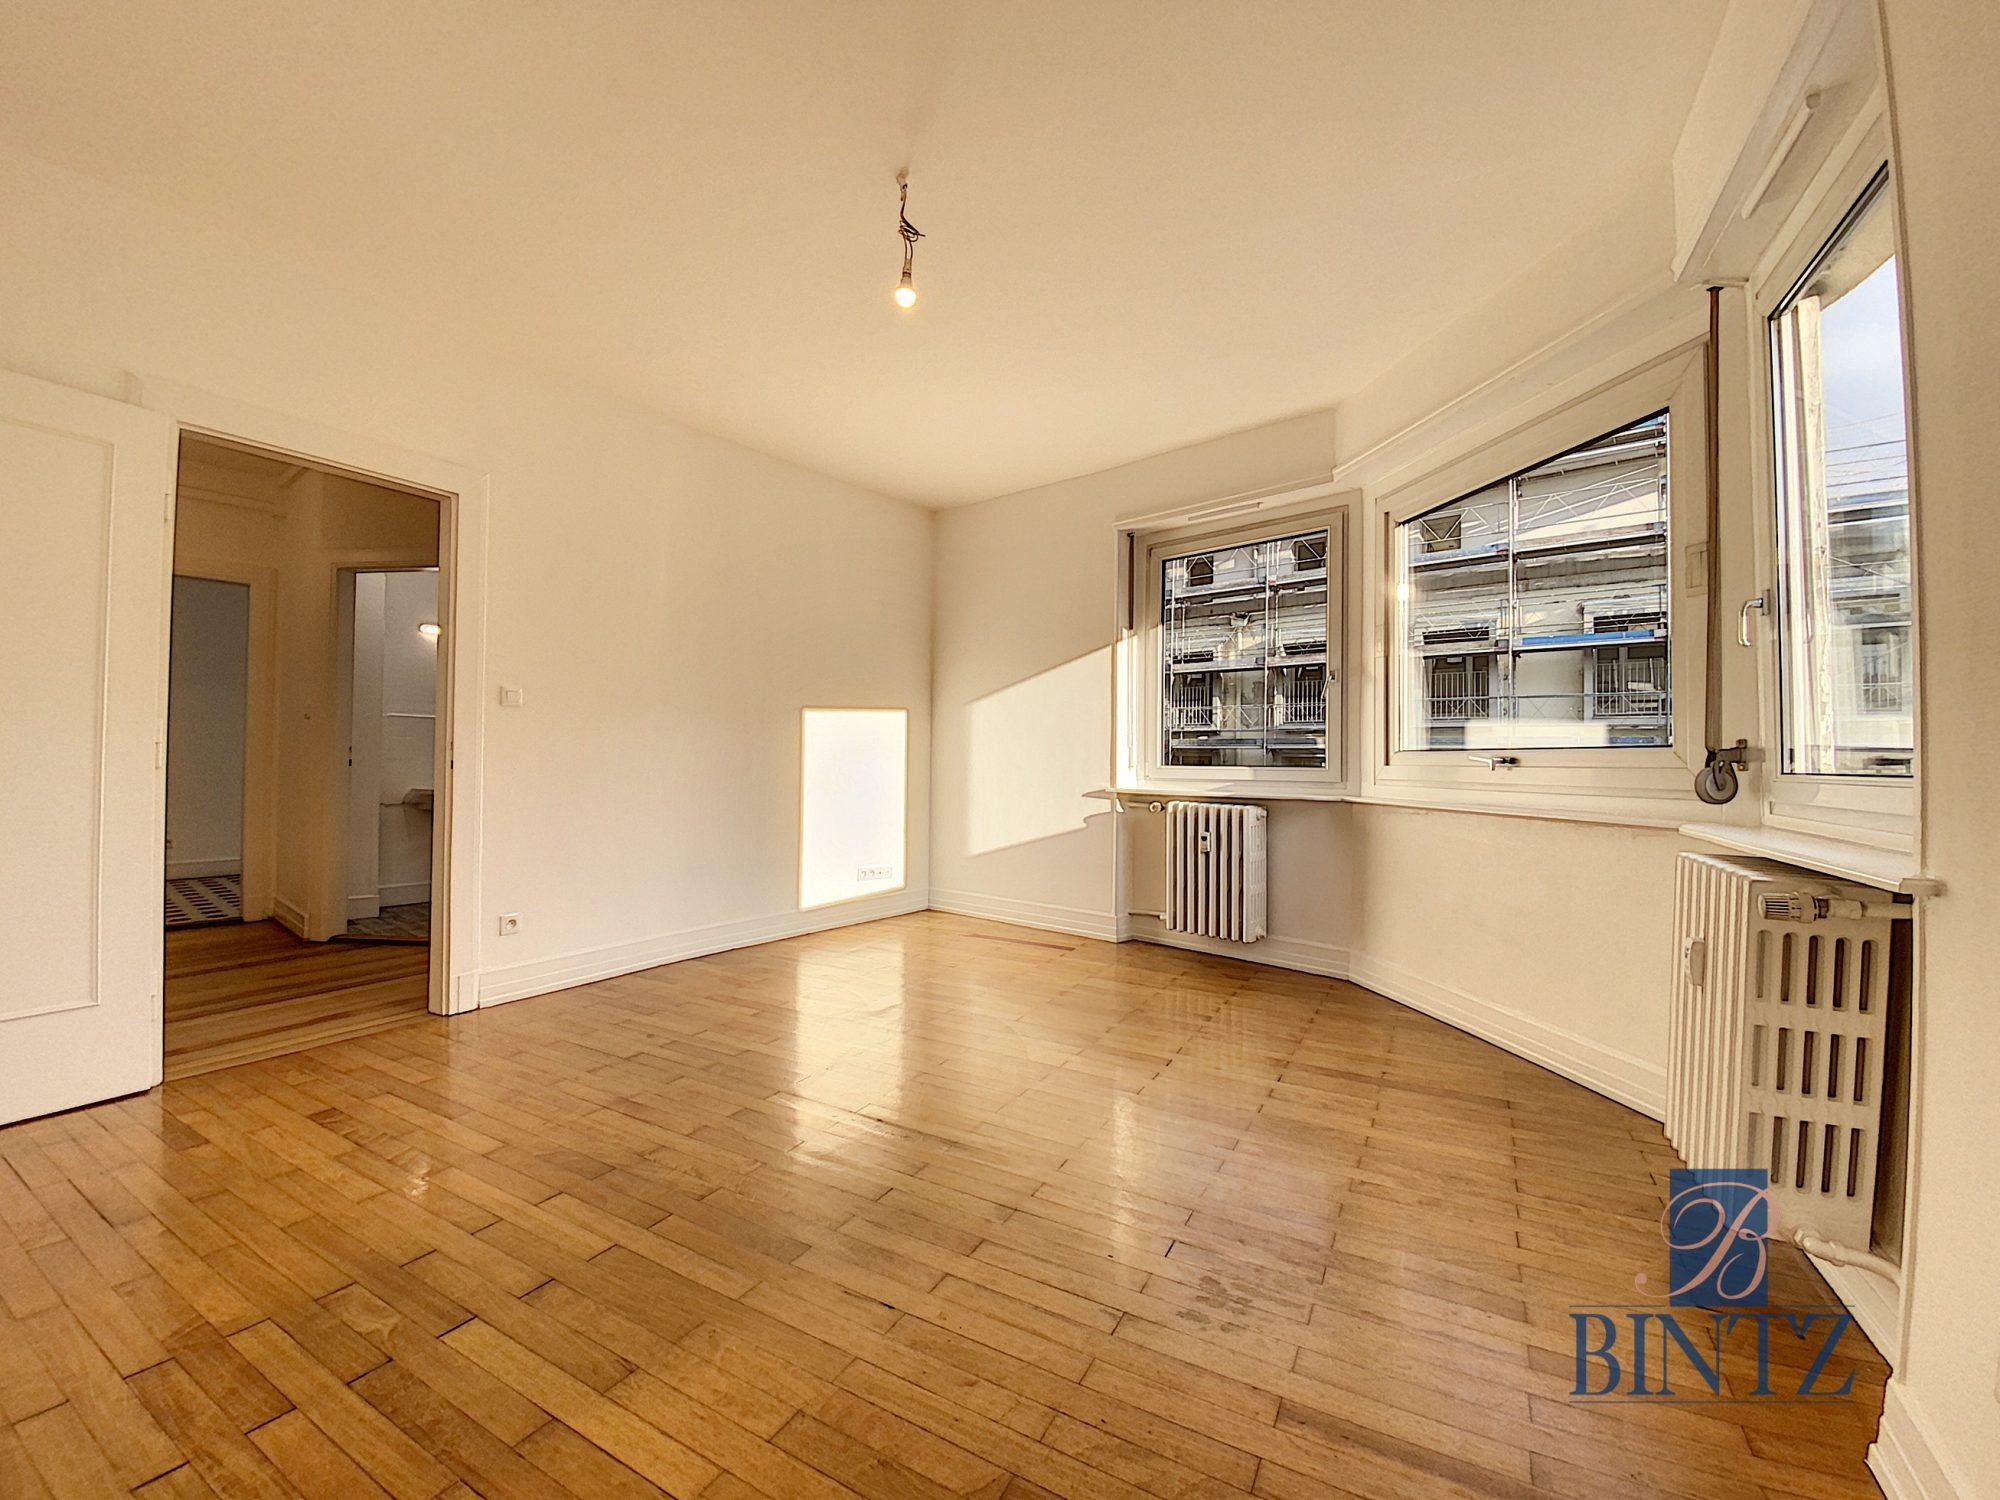 GRAND 1PIÈCE RÉNOVÉ KRUTENAU - Devenez locataire en toute sérénité - Bintz Immobilier - 2